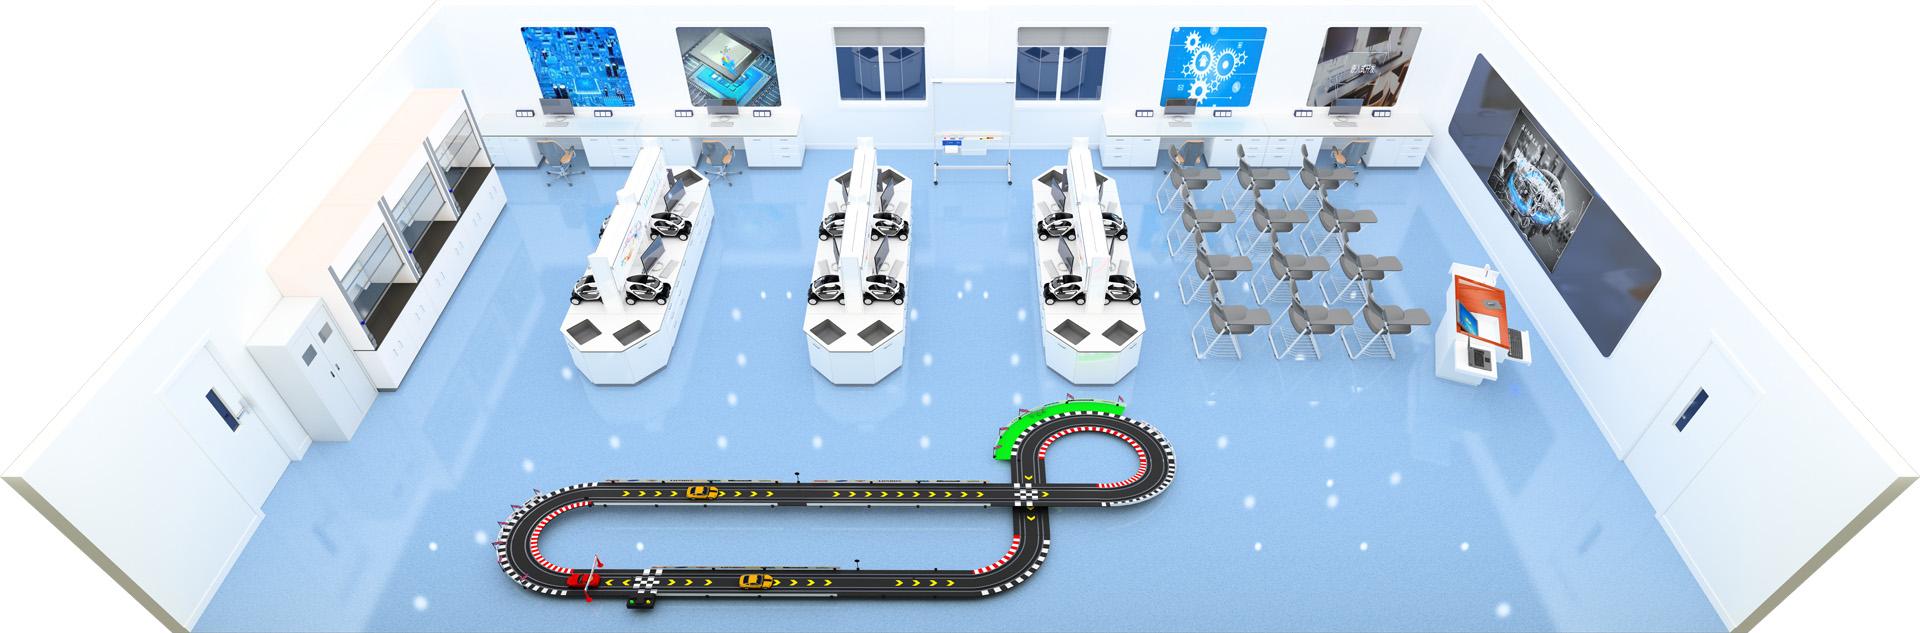 智能车嵌入式应用创新实训室.jpg